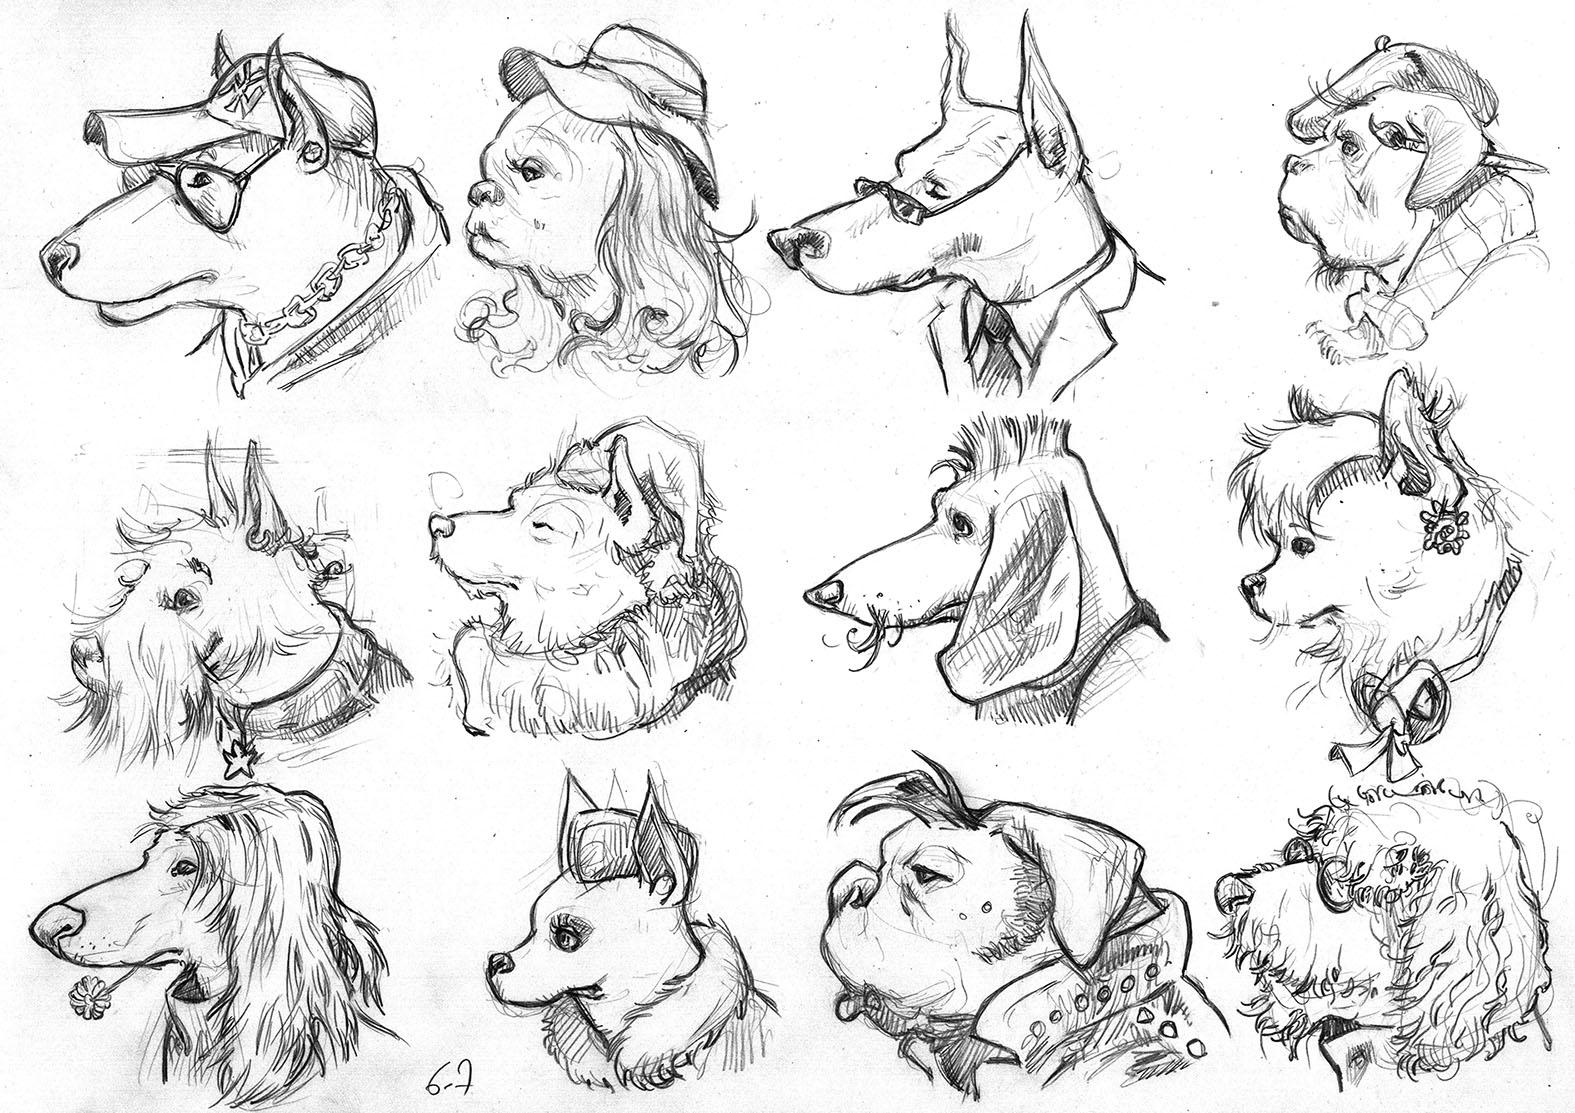 dessin_chiens_aussel.jpg